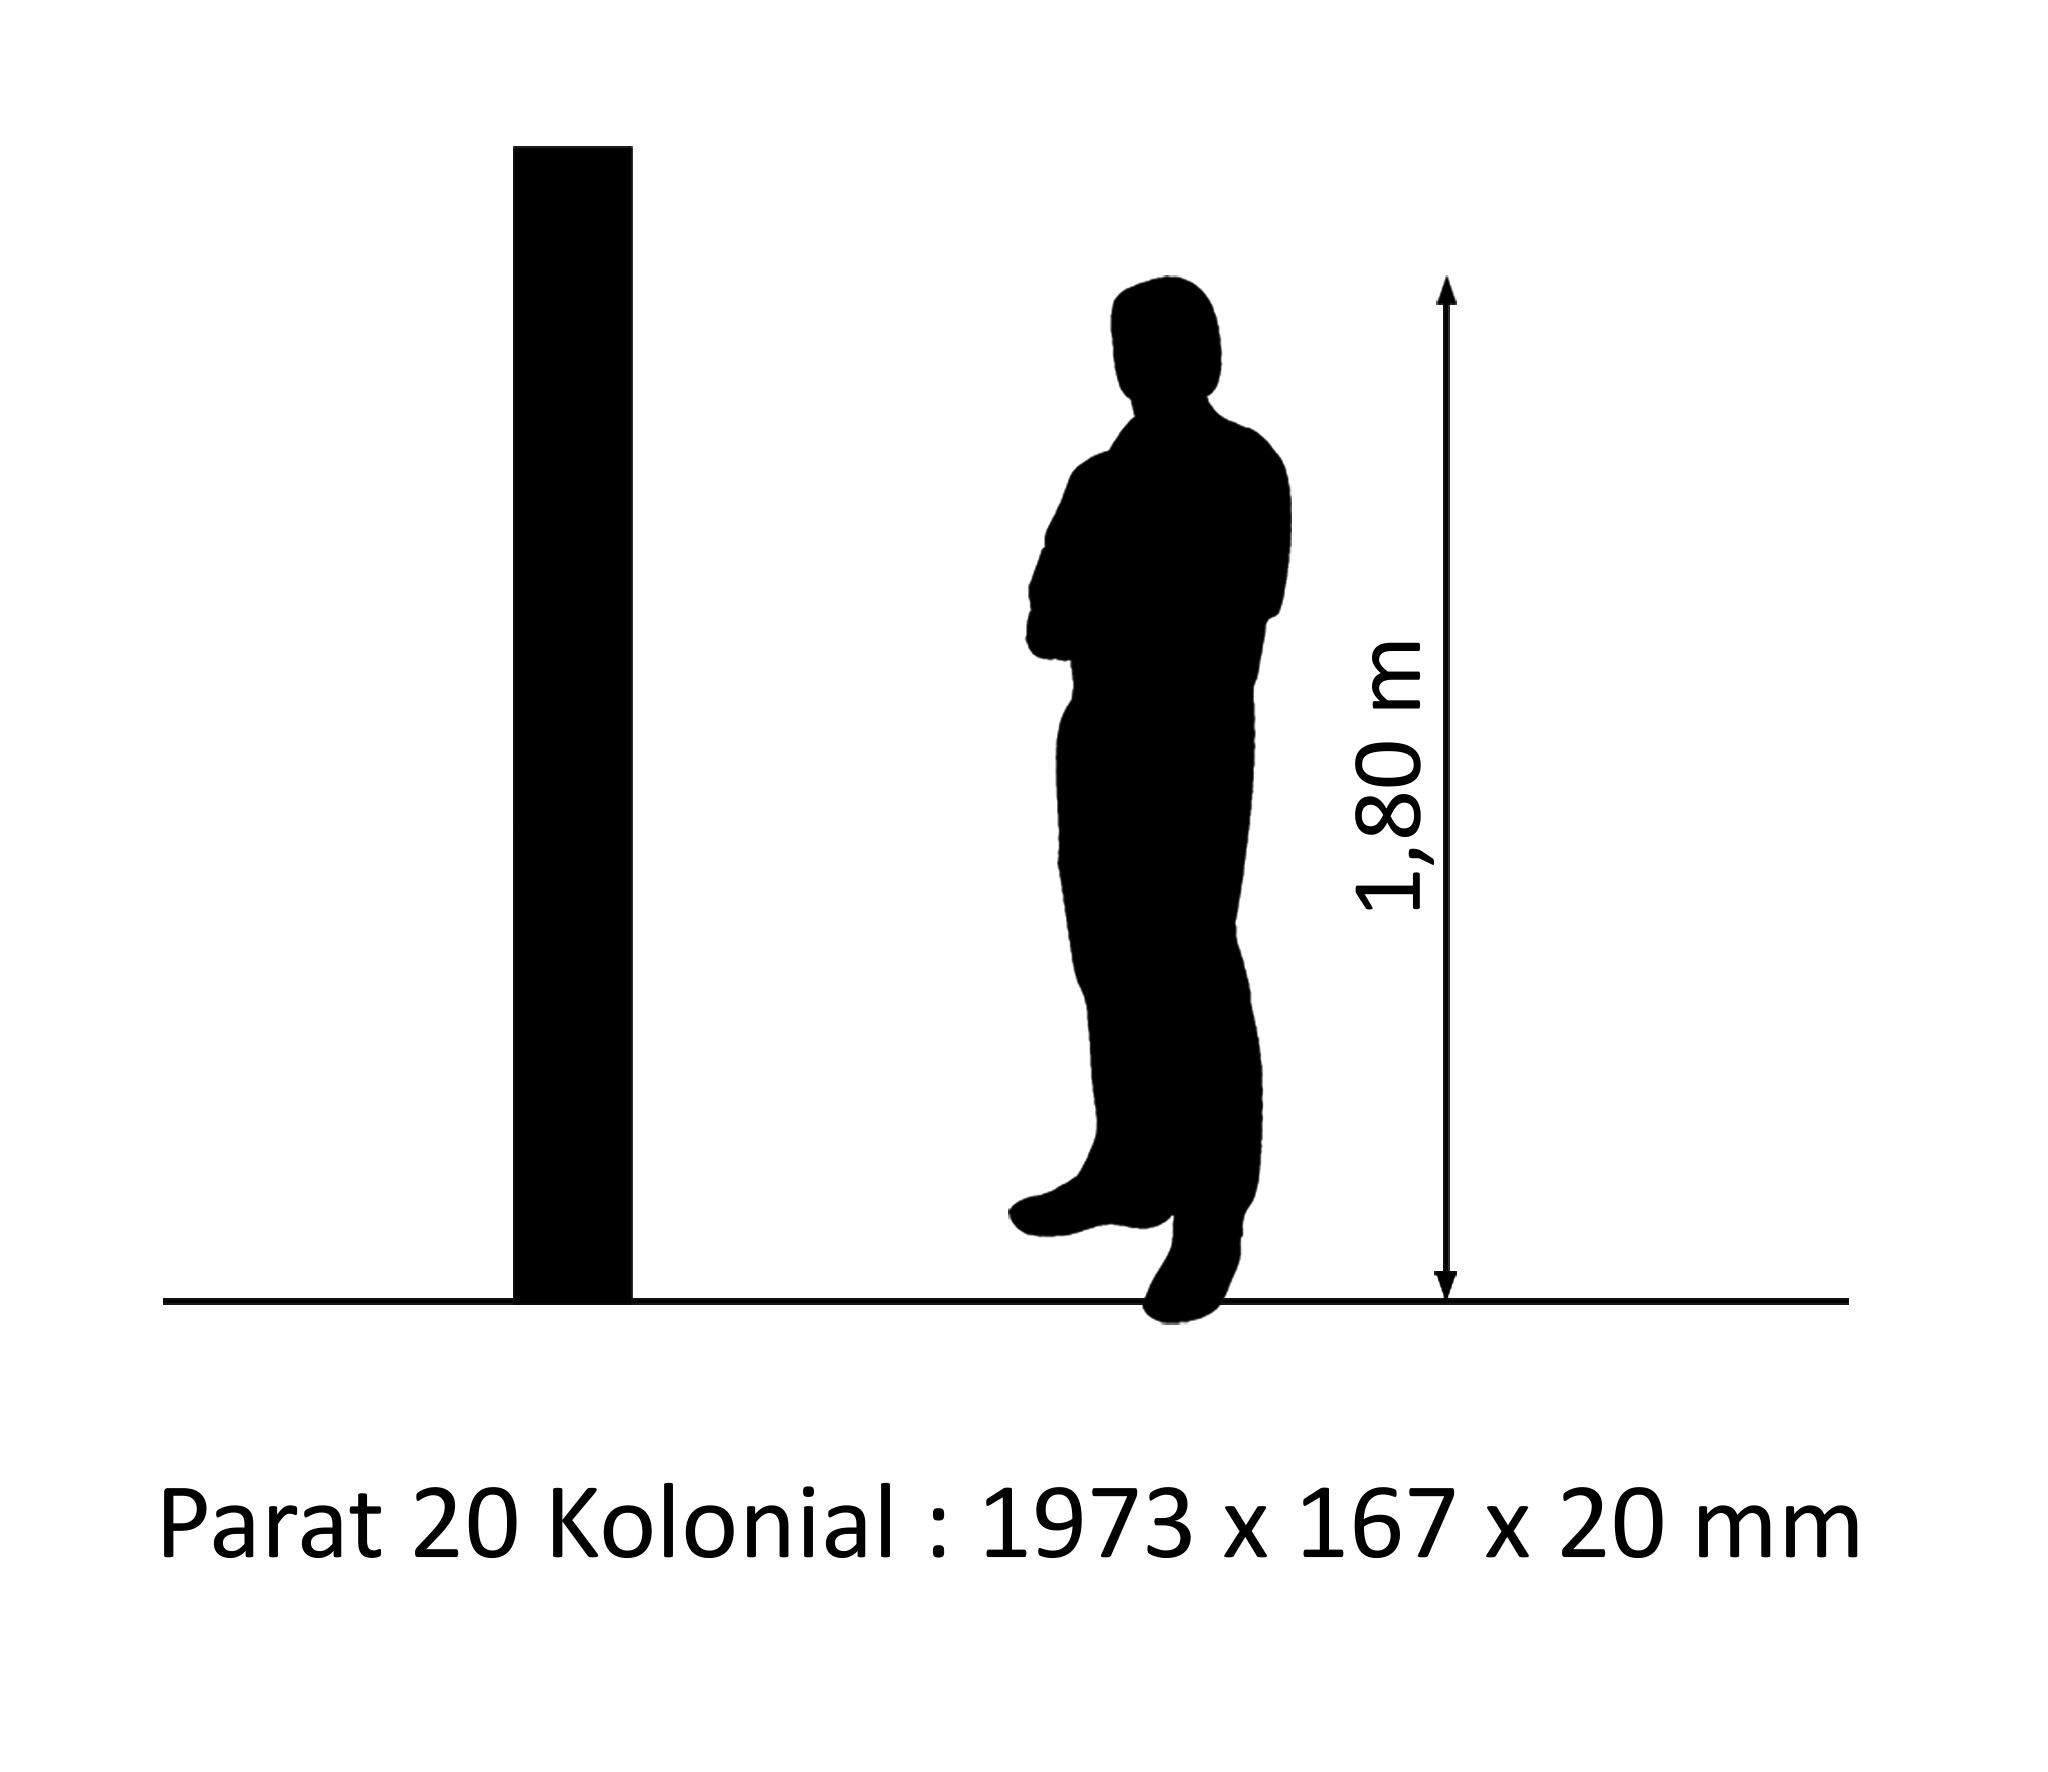 PARAT 20 Kolonial Eiche gekalkt 20mm